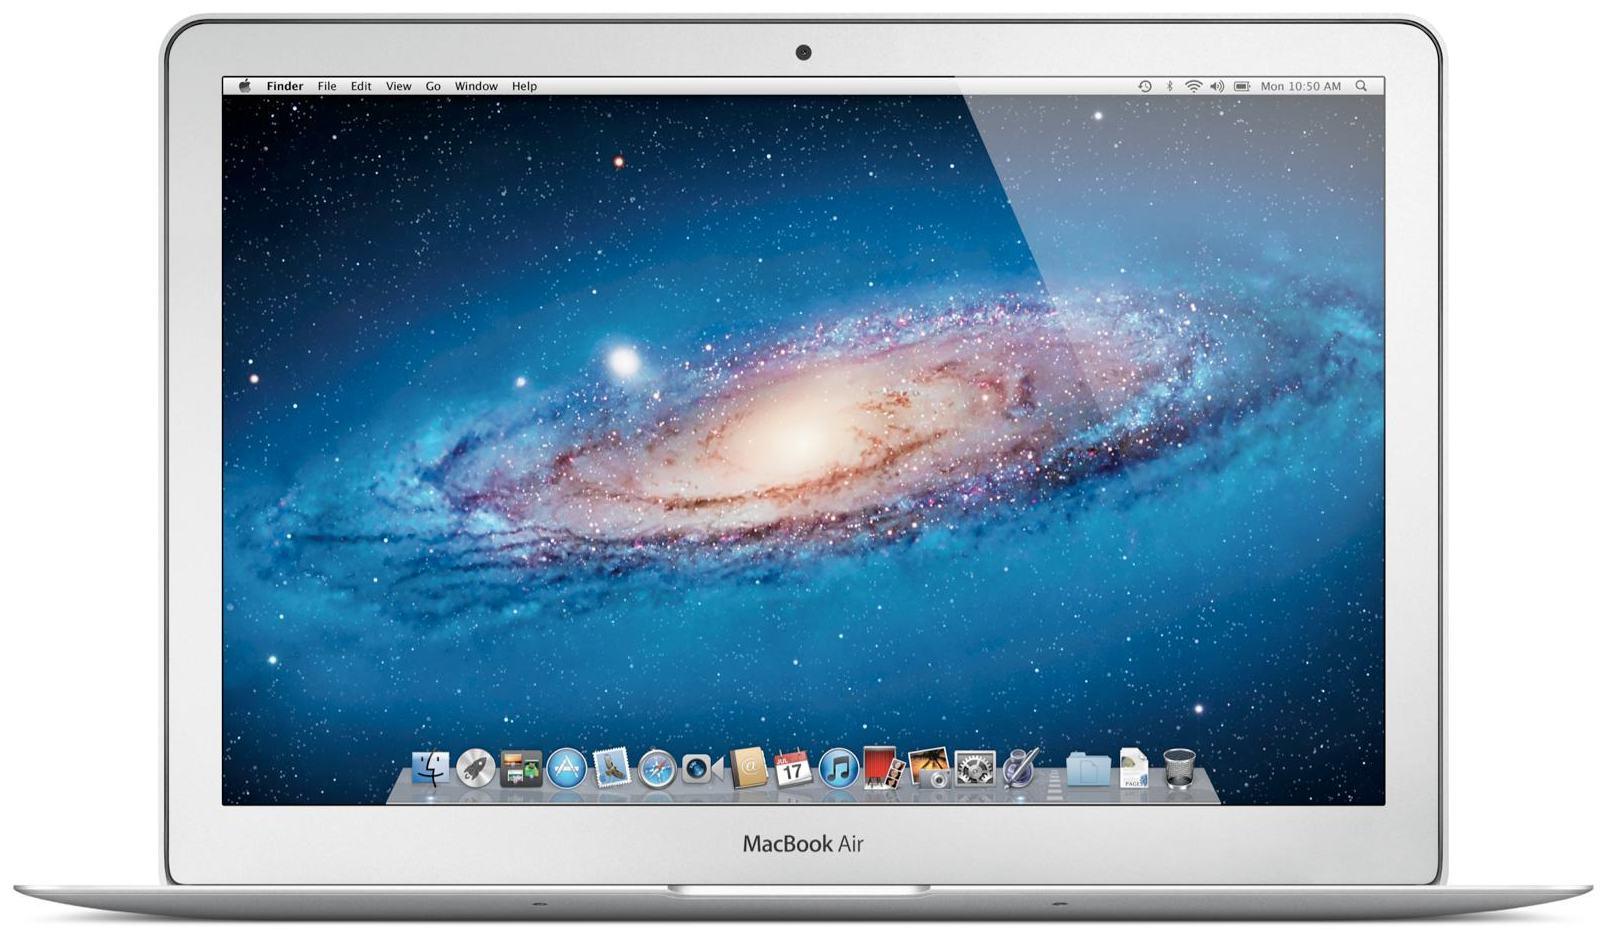 """Ноутбук Apple MacBook Air 13 13.3"""" 1440x900, Intel Core i5 1.6GHz, 8Gb RAM, 128Gb SSD, WiFi, BT, Cam, Mac OS, серебристый (MMGF2RU/A)"""